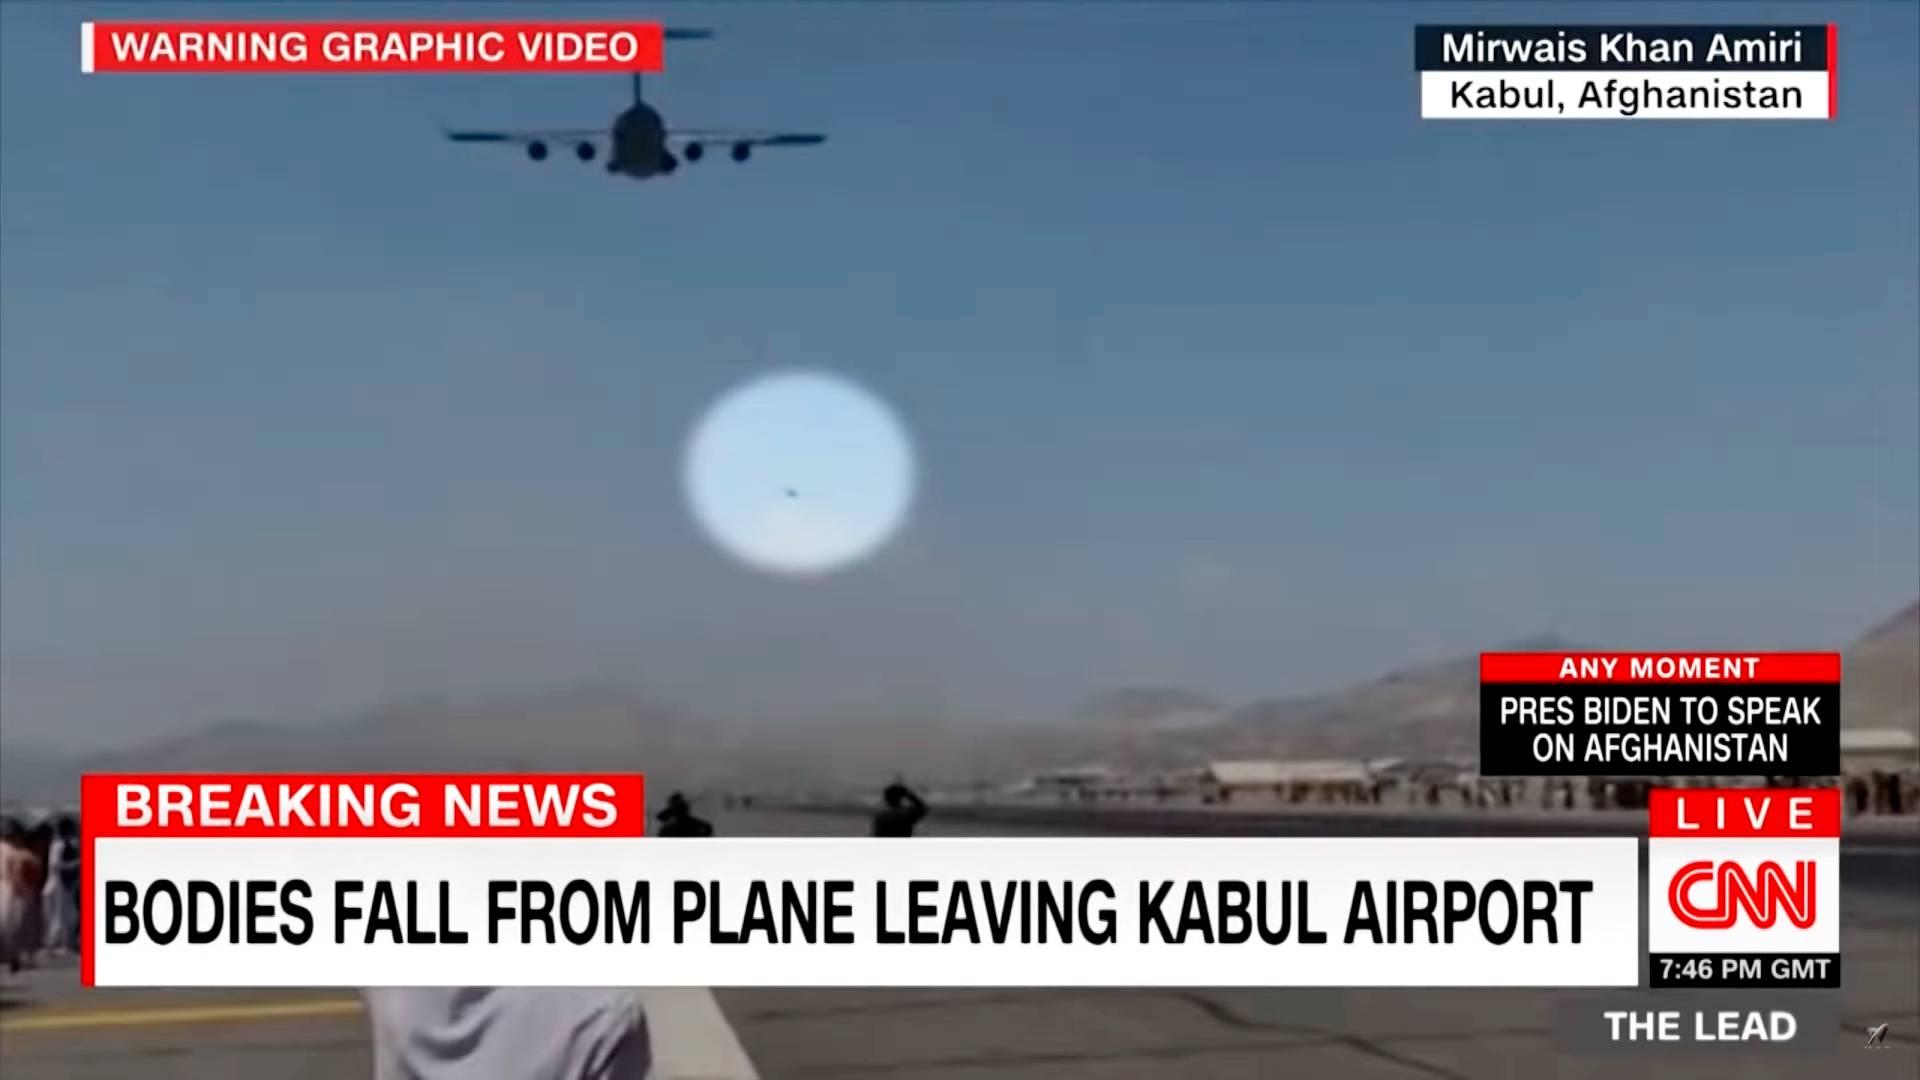 «Тела падают с самолета, покидающего кабульский аэропорт» (скриншот видео CNN)